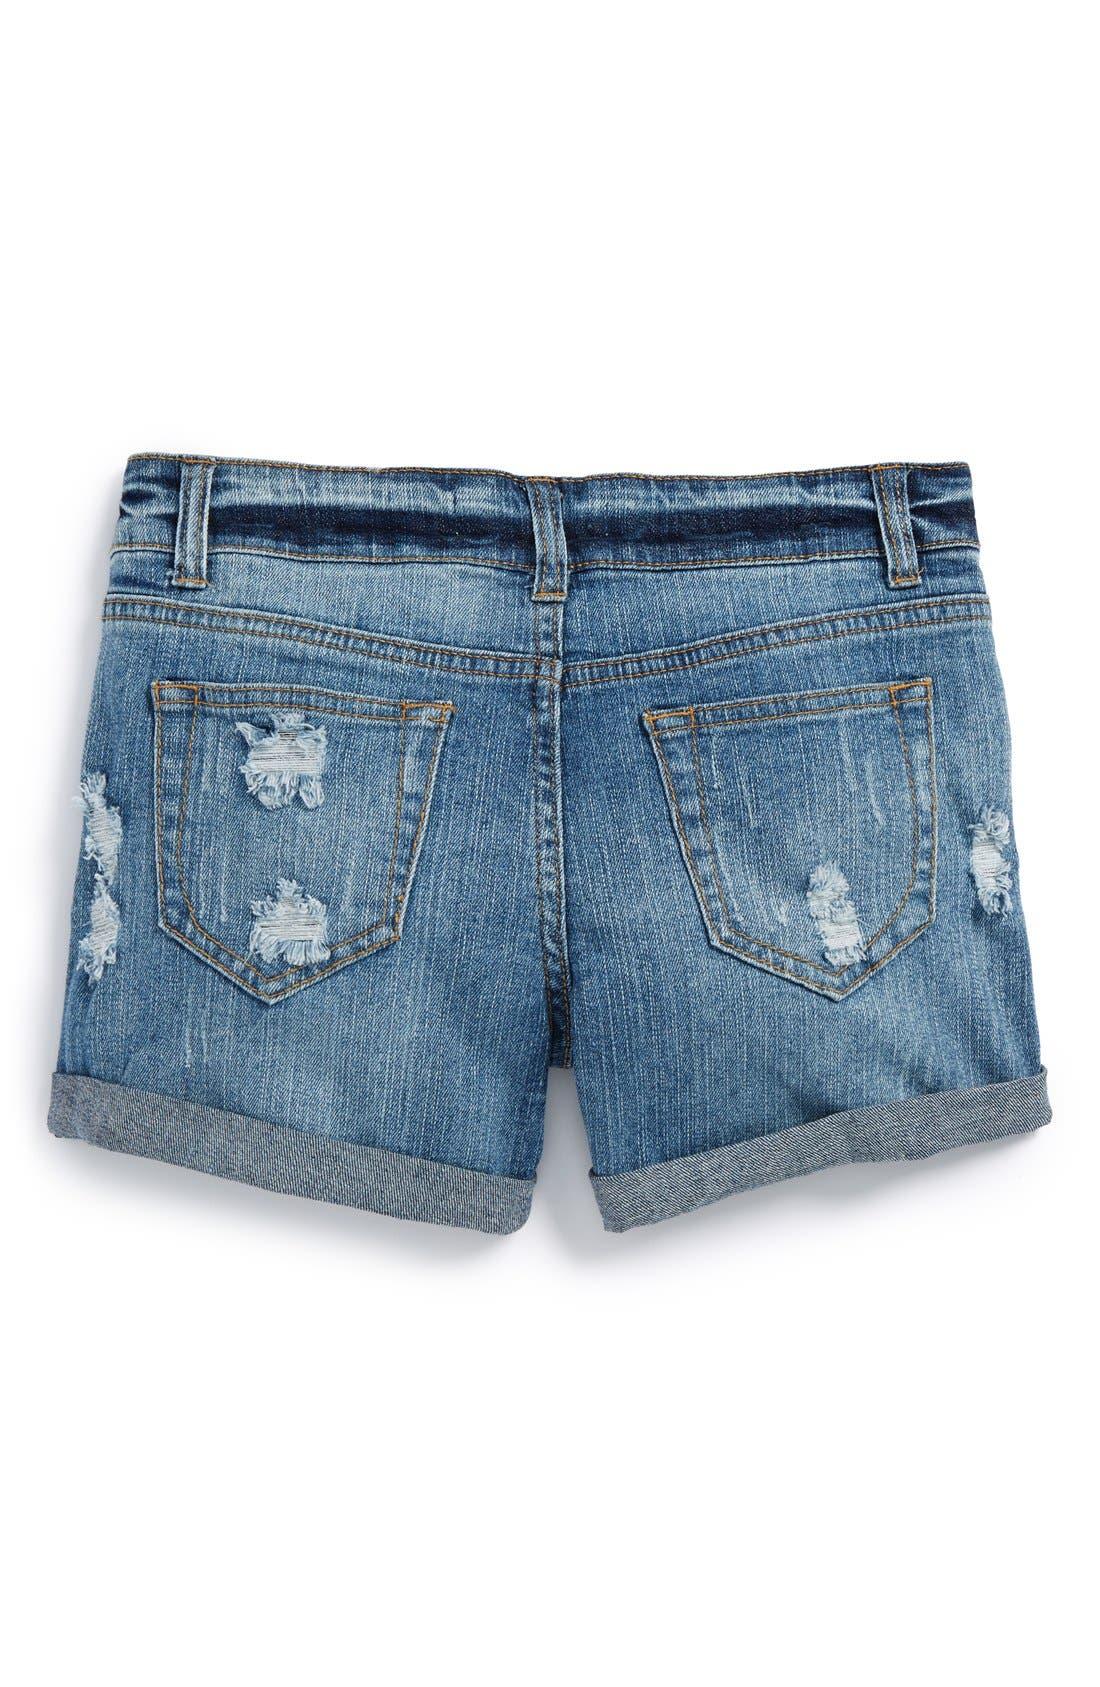 Alternate Image 2  - Vintage Havana Cuff Denim Boyfriend Shorts (Big Girls)